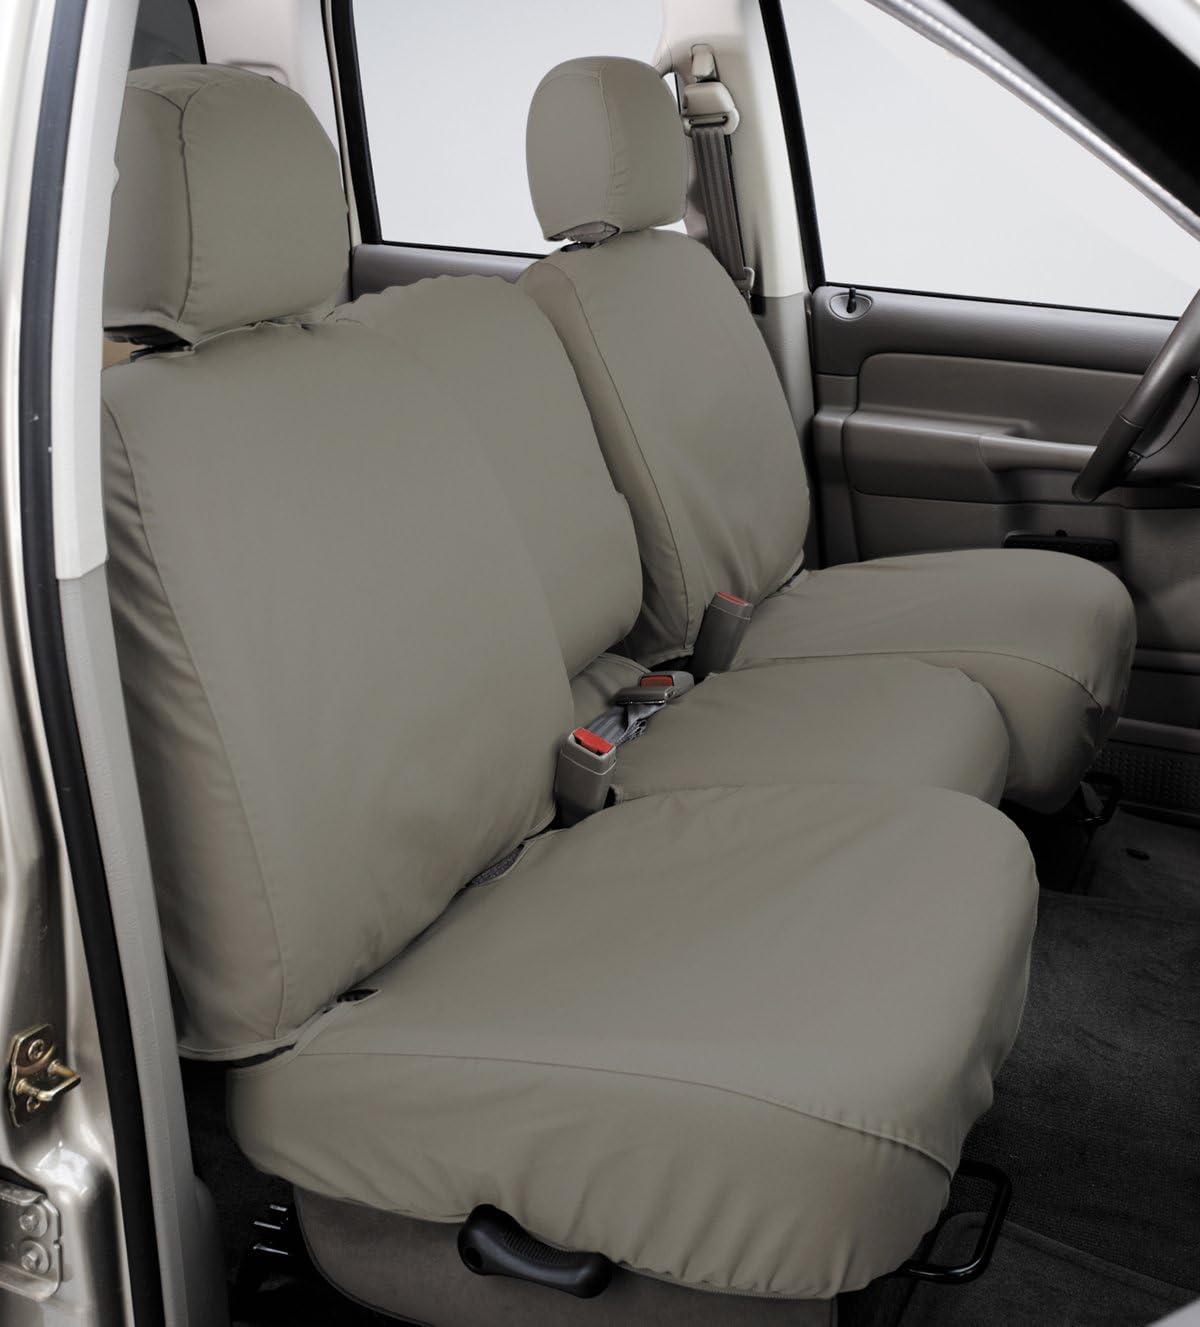 SeatSavers SS2513PCGY fits Toyota RAV4 2016 2017 2018